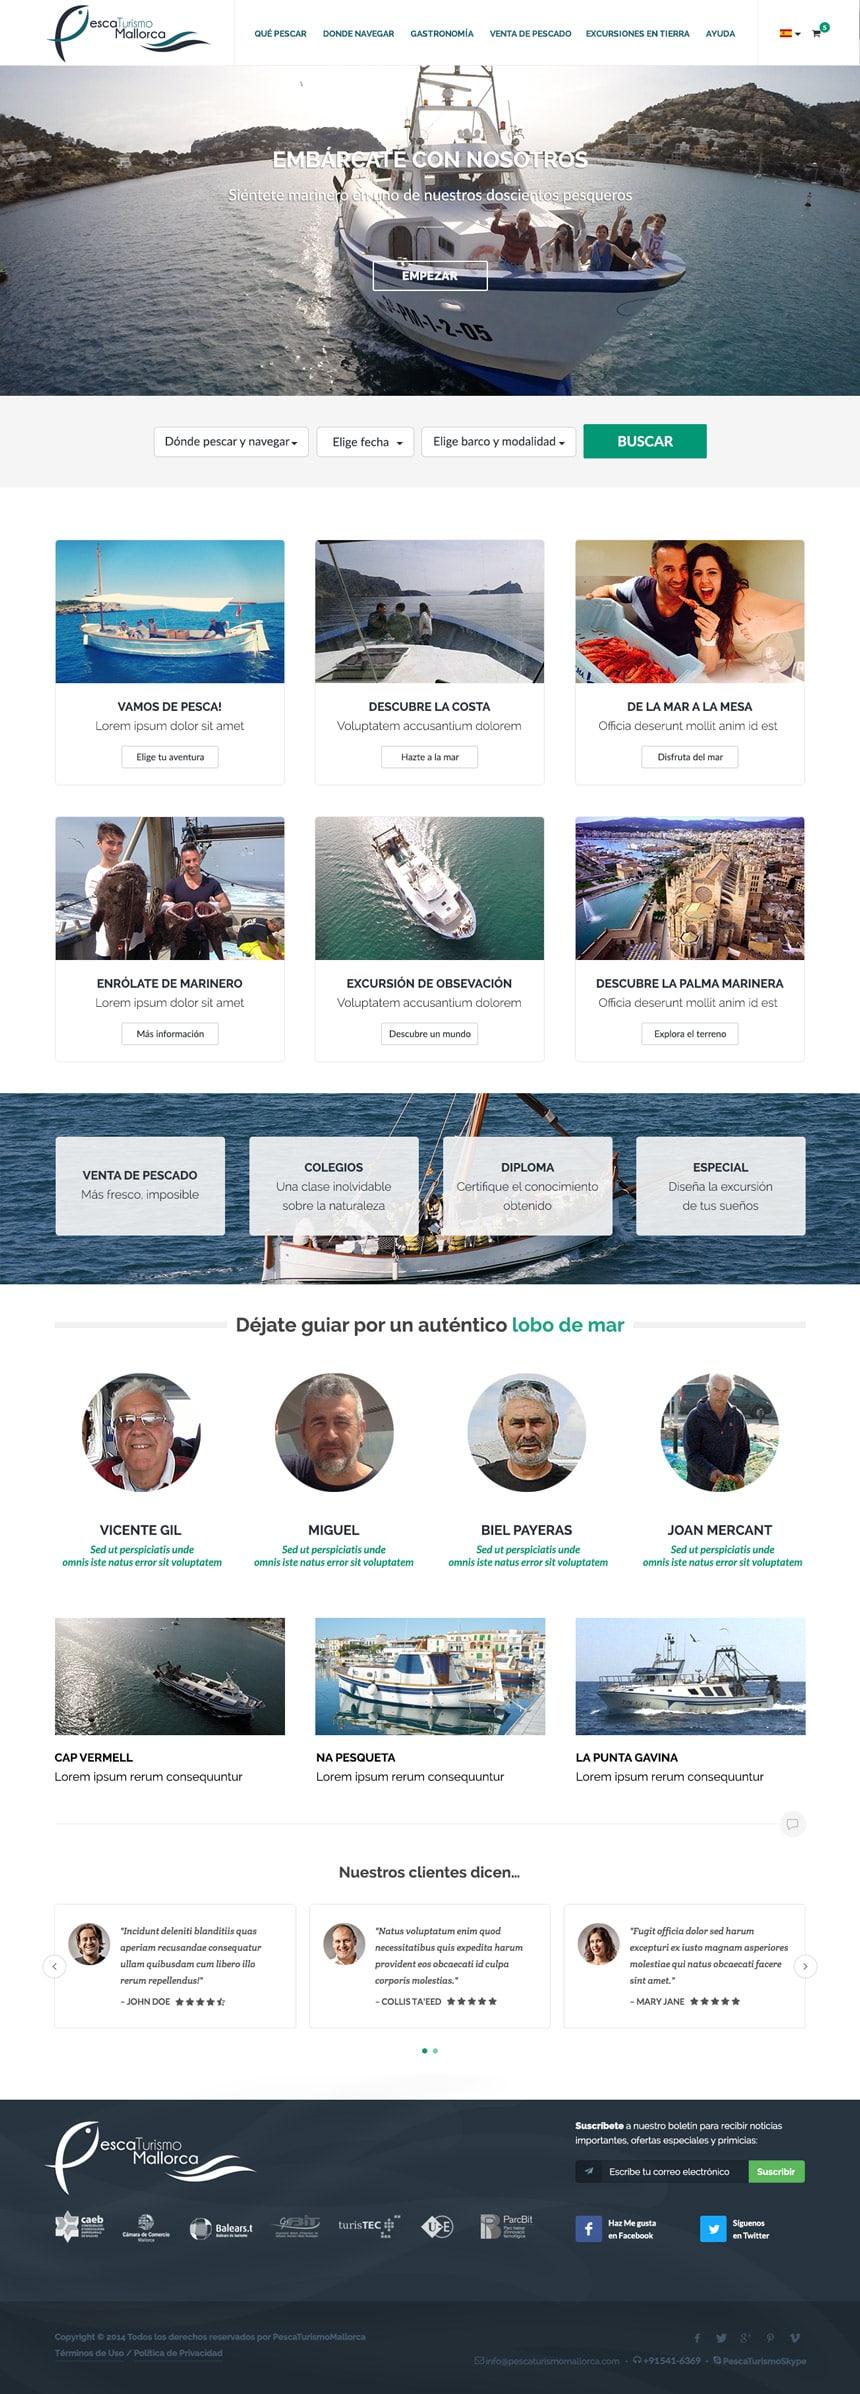 Pescaturismo,-página-Home